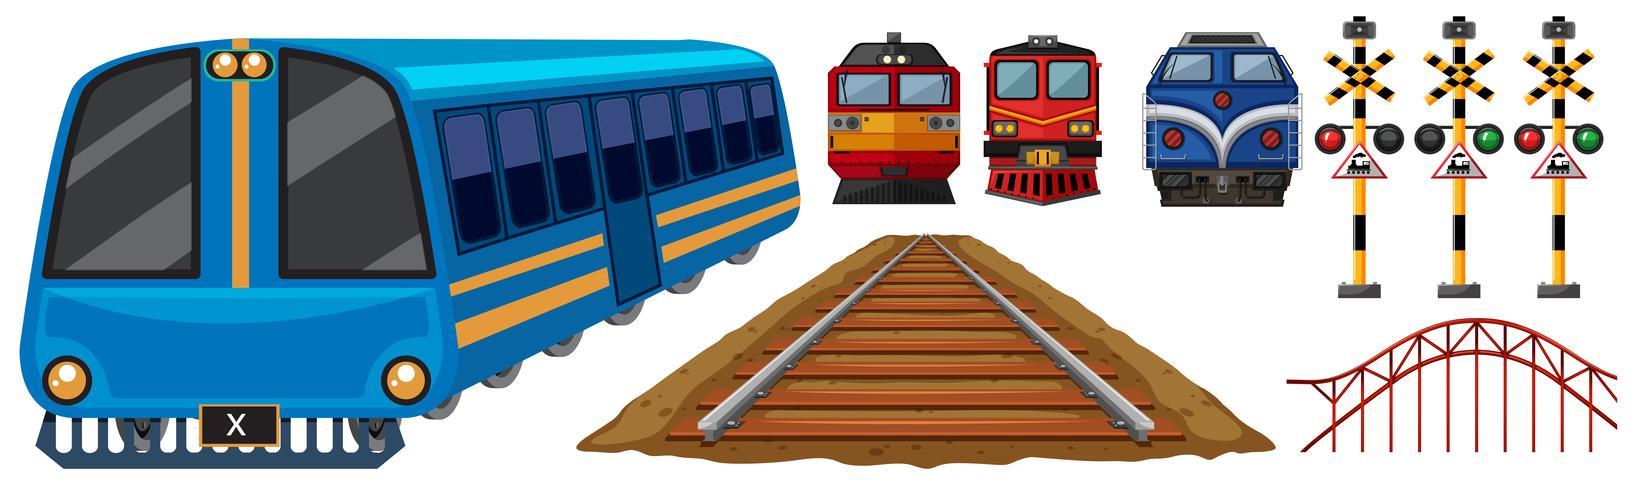 Eisenbahn und verschiedene Ausführungen von Zügen